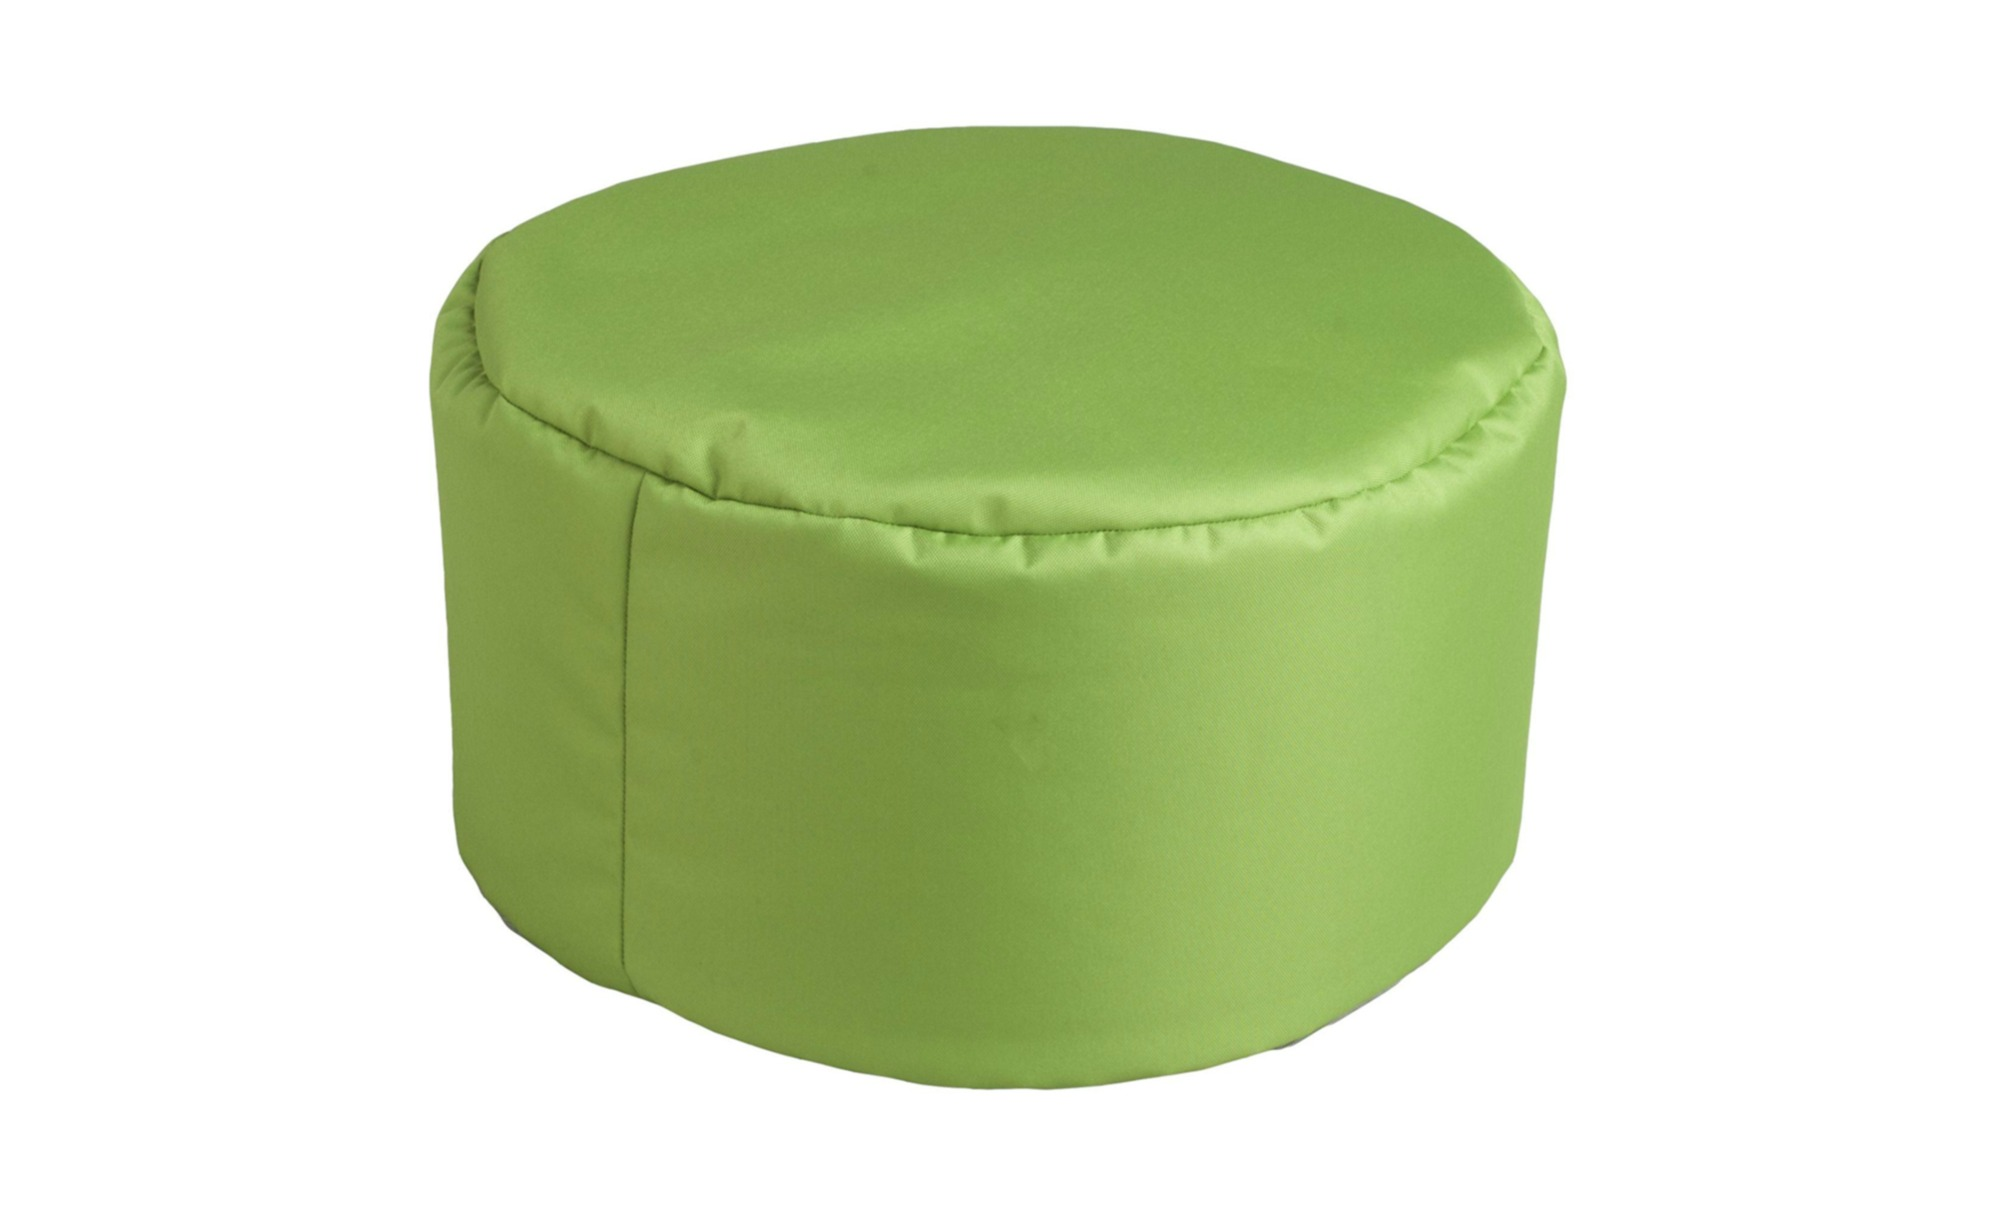 Sconto Sedák DROPS green DROPS